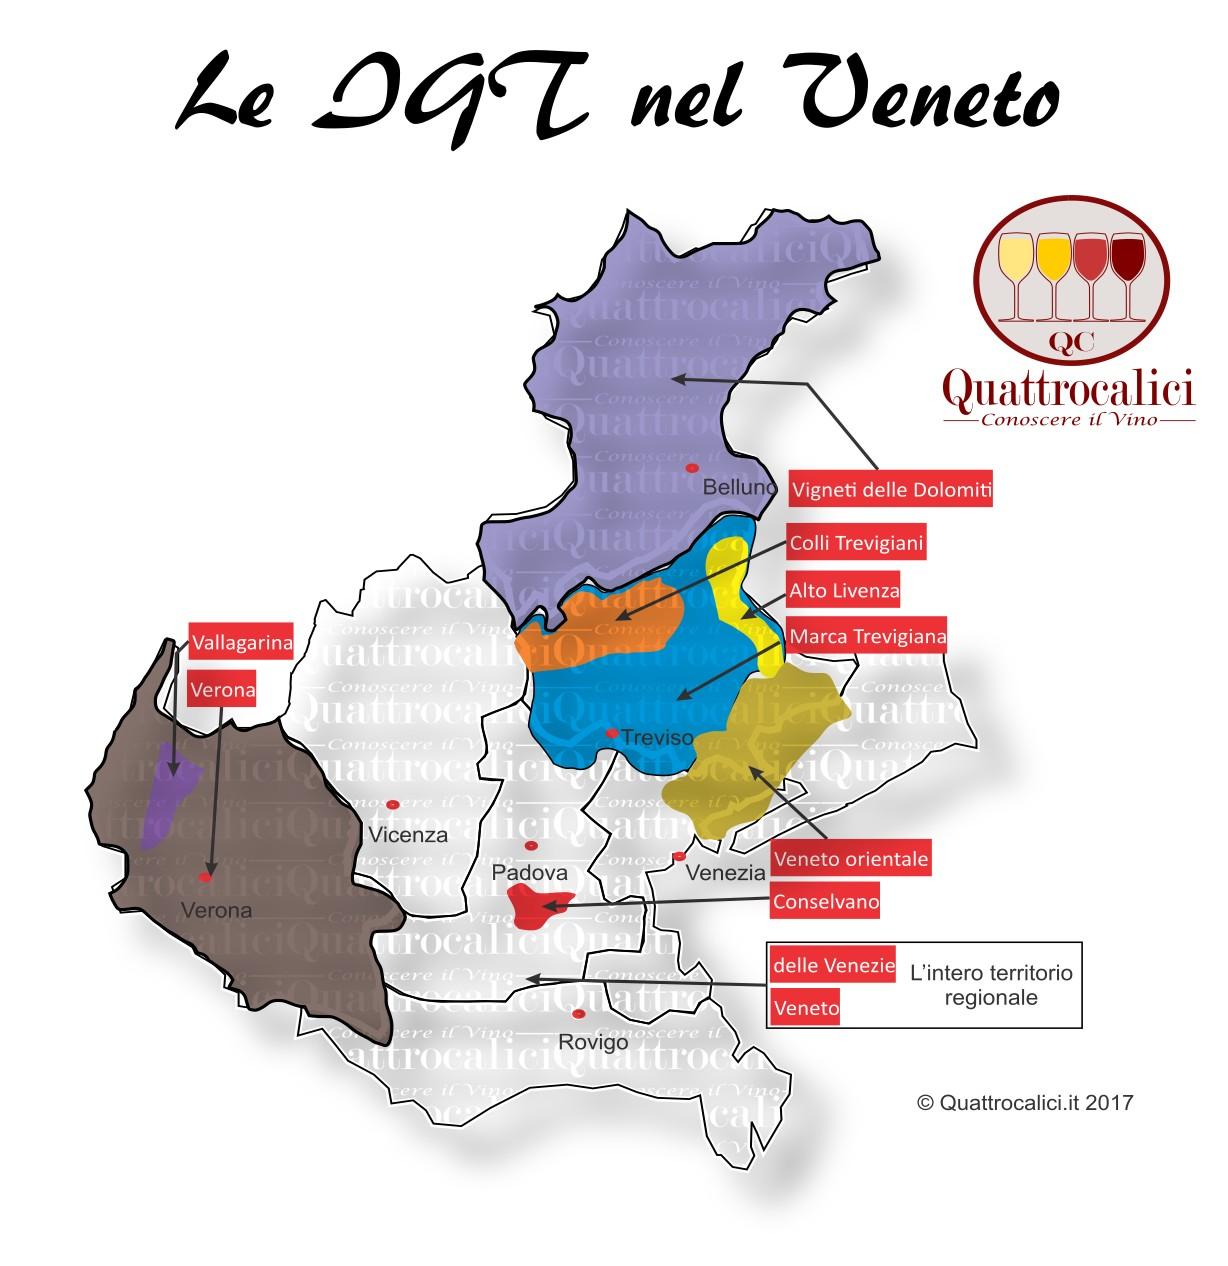 Le IGT del Veneto